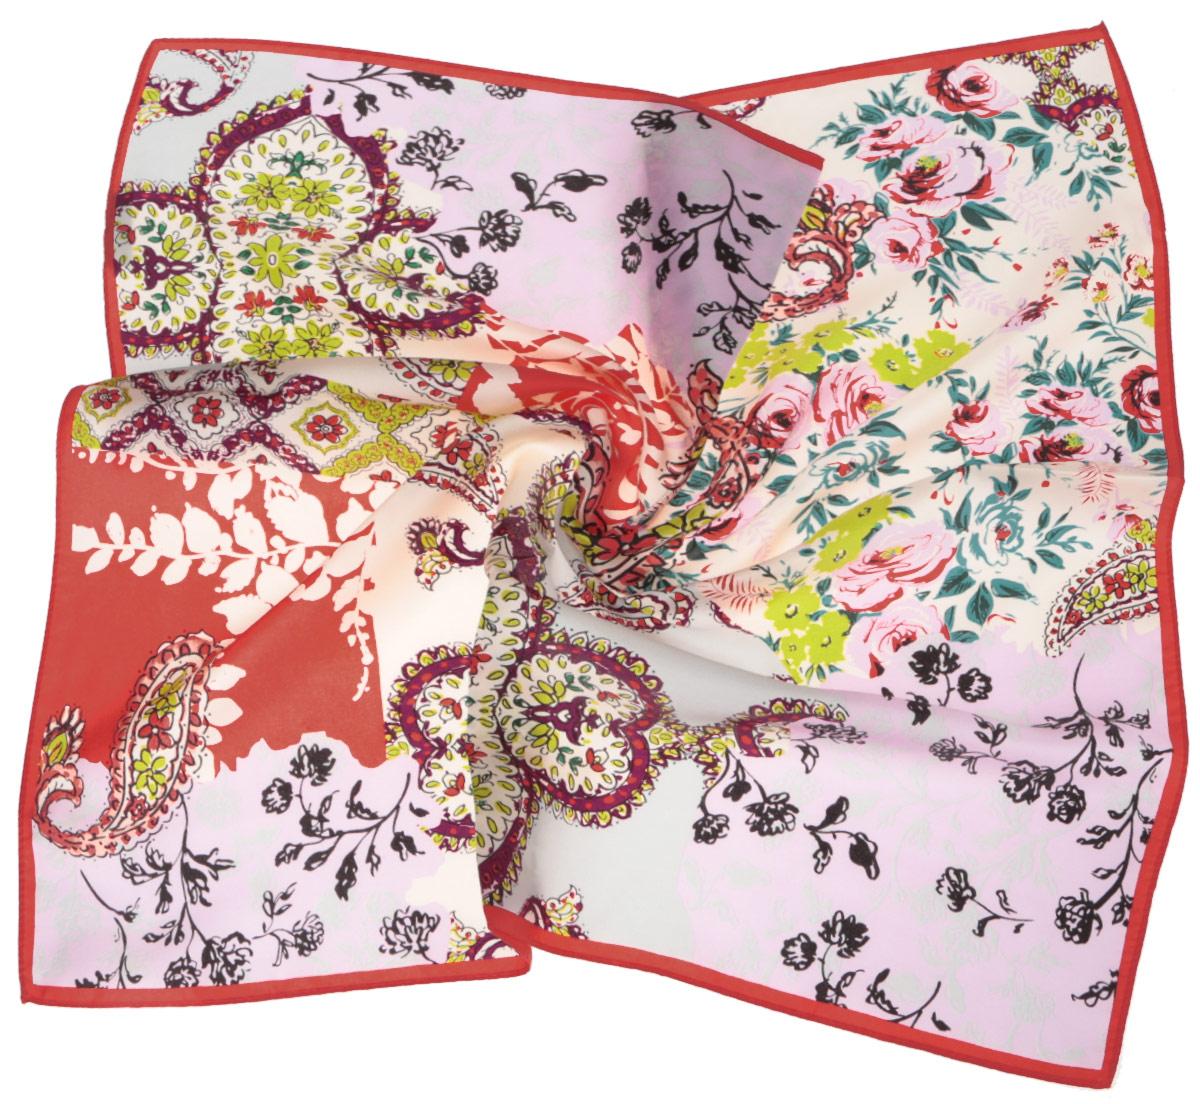 ПлатокCX1516-65-9Стильный женский платок Fabretti станет великолепным завершением любого наряда. Платок изготовлен из высококачественного шелка и оформлен изысканным цветочным орнаментом. Классическая квадратная форма позволяет носить платок на шее, украшать им прическу или декорировать сумочку. Мягкий и шелковистый платок поможет вам создать изысканный женственный образ, а также согреет в непогоду. Такой платок превосходно дополнит любой наряд и подчеркнет ваш неповторимый вкус и элегантность.